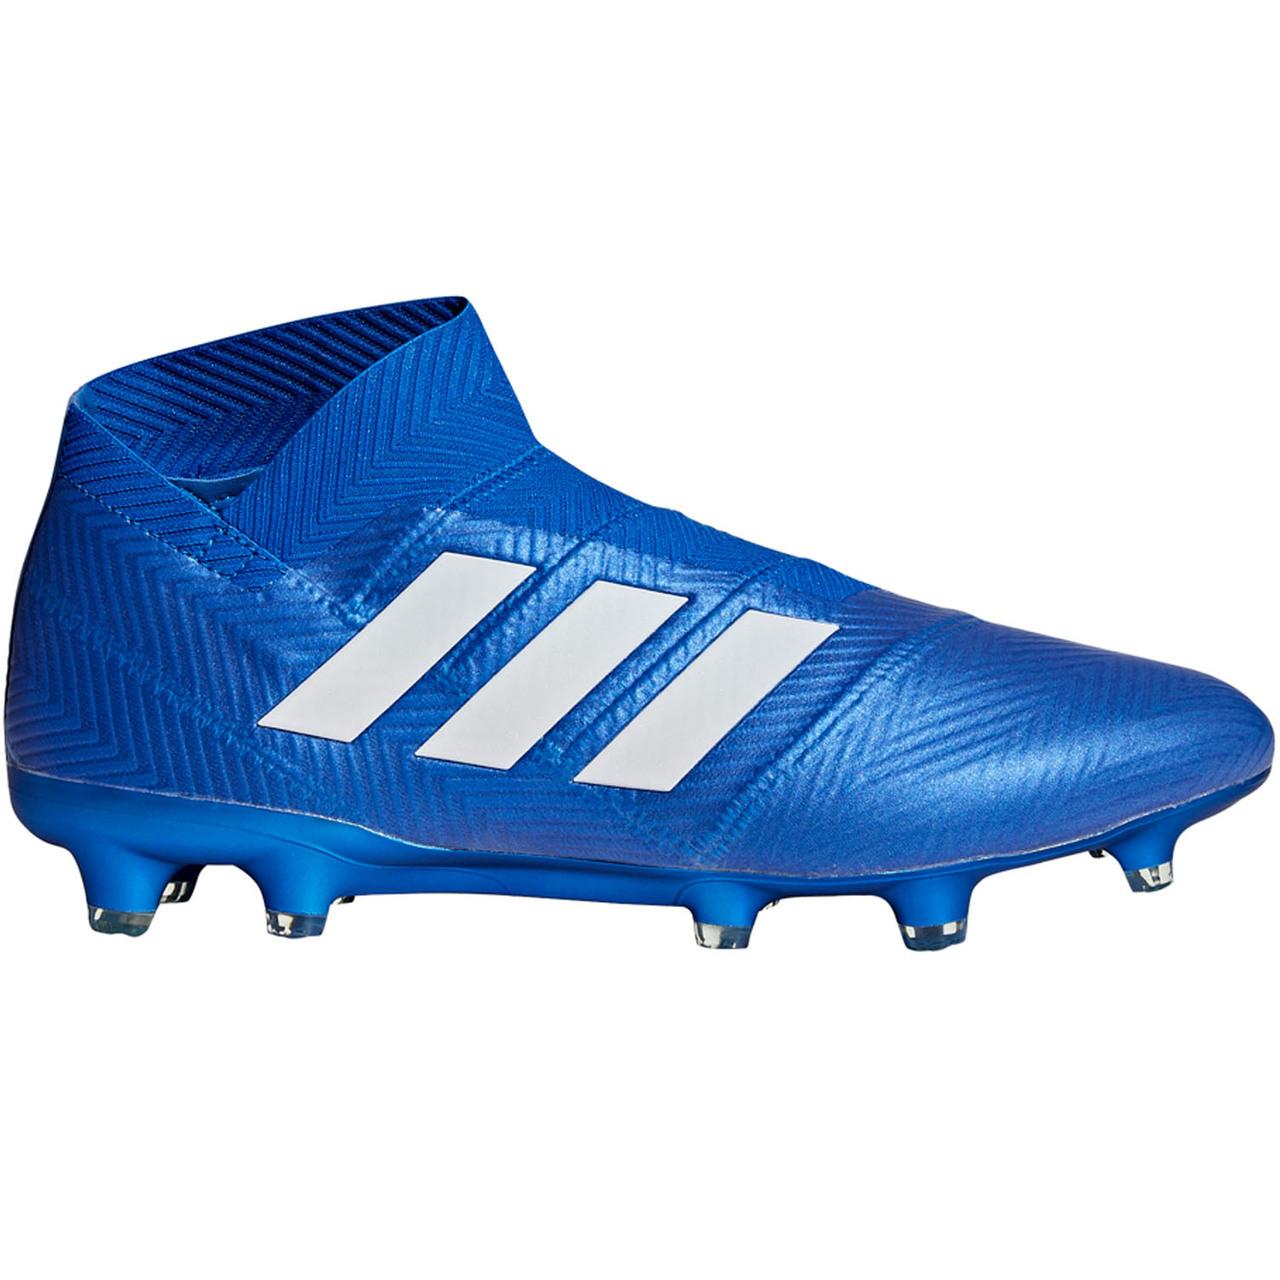 a6d22def6 ADIDAS NEMEZIZ 18+ FG BLUE - Soccer Plus